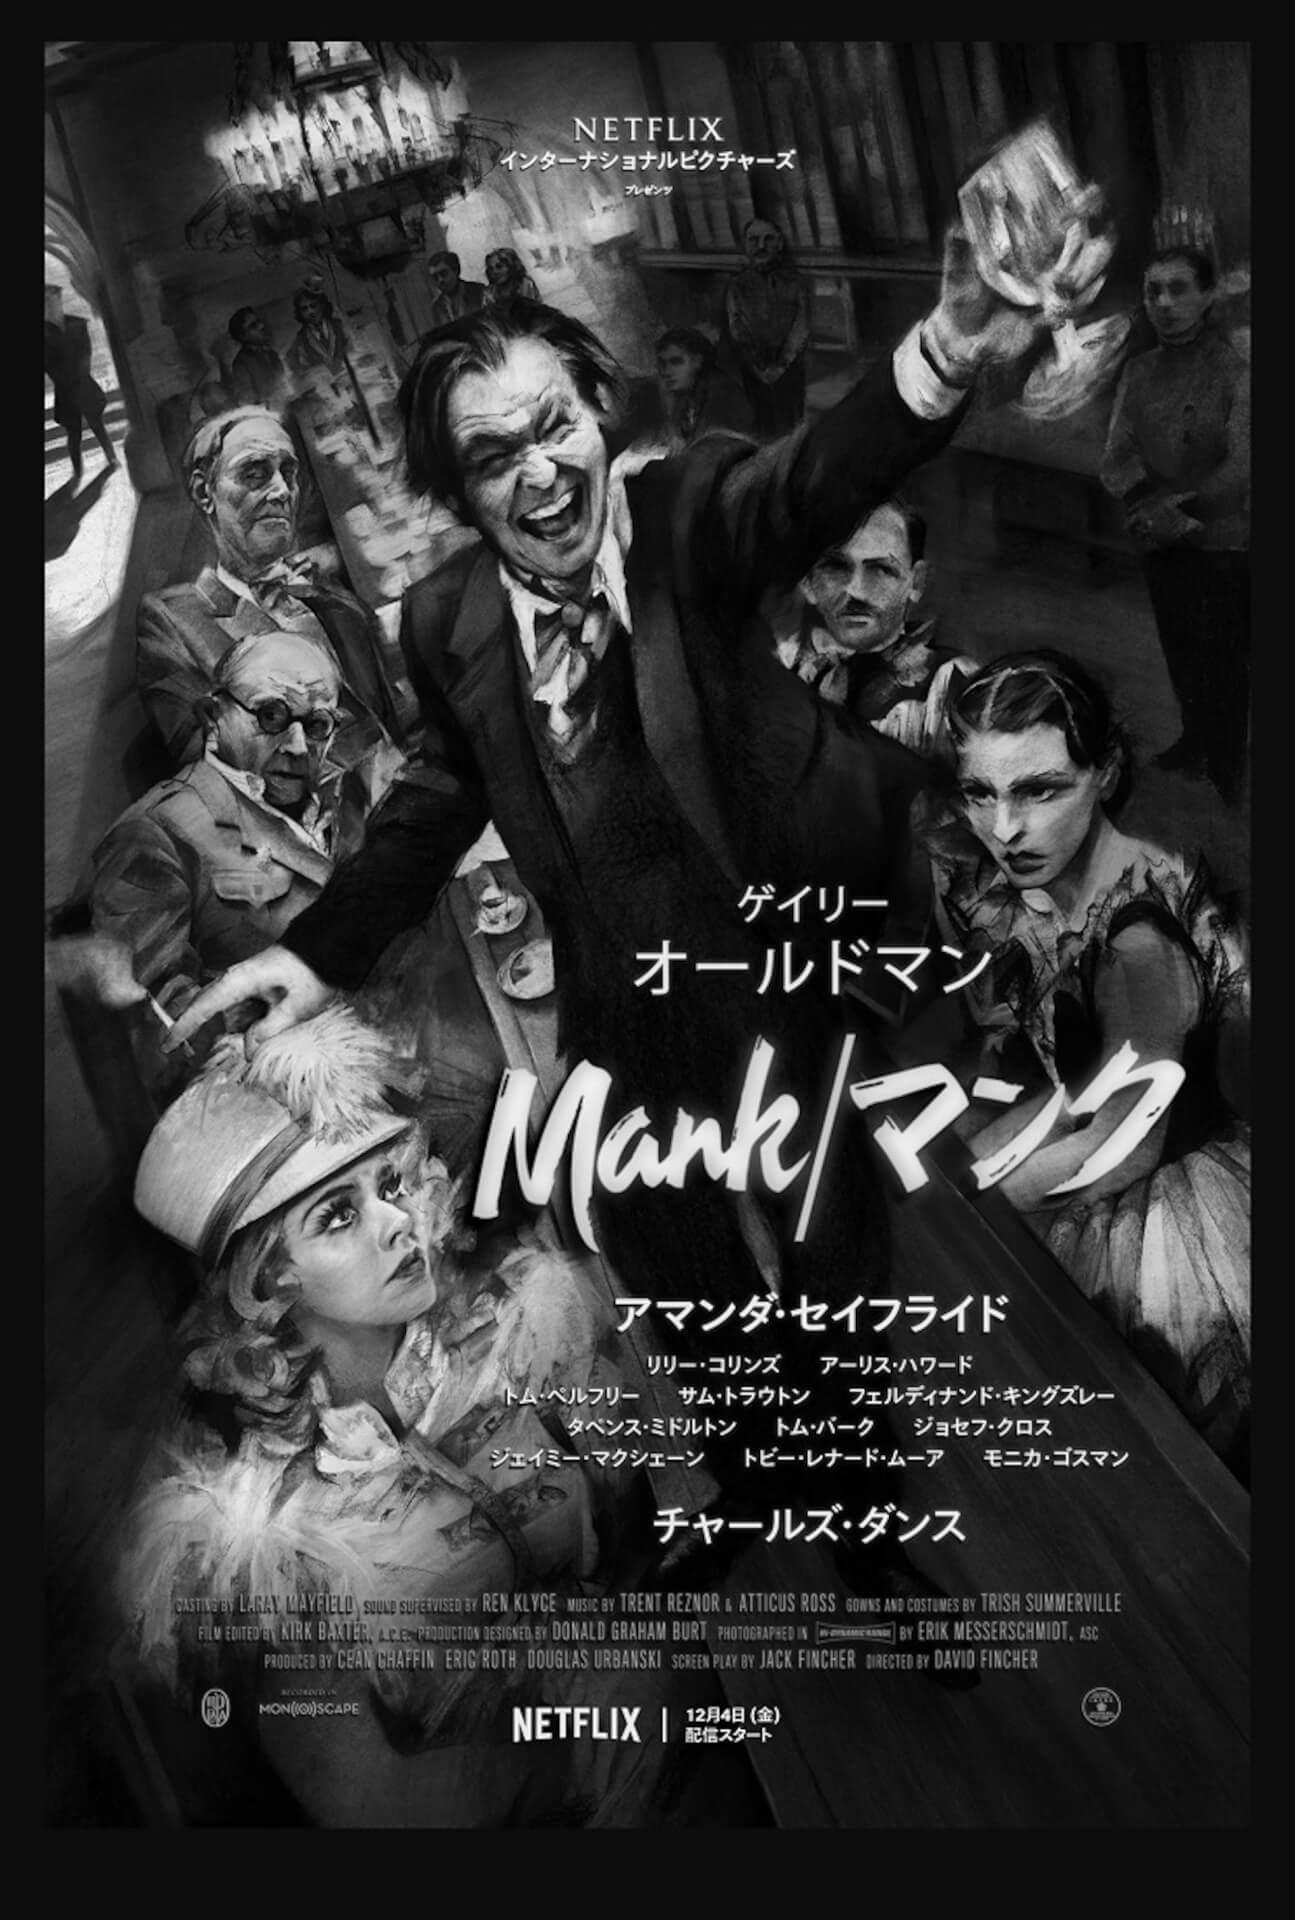 デヴィッド・フィンチャー最新作『Mank/マンク』がNetflixで独占配信決定!ゲイリー・オールドマン、アマンダ・セイフライドら豪華キャスト陣集結の予告編公開 film201022_mank_main